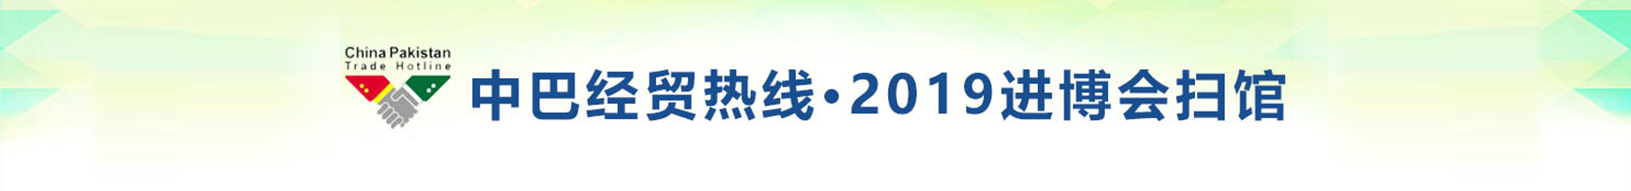 中巴经贸热线·2019进博会扫馆-专题大banner.jpg